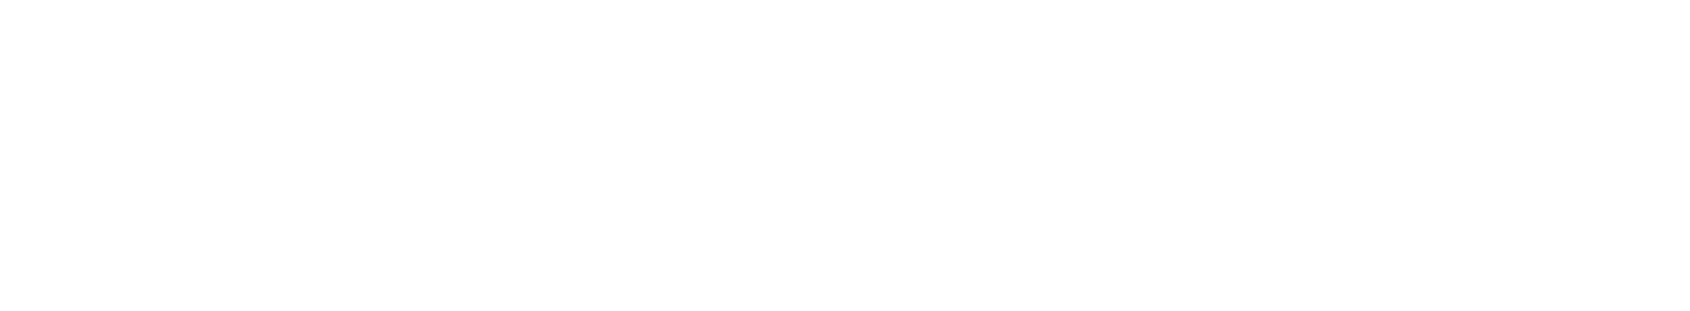 balts-RSU-logo-bez-fona-h.png